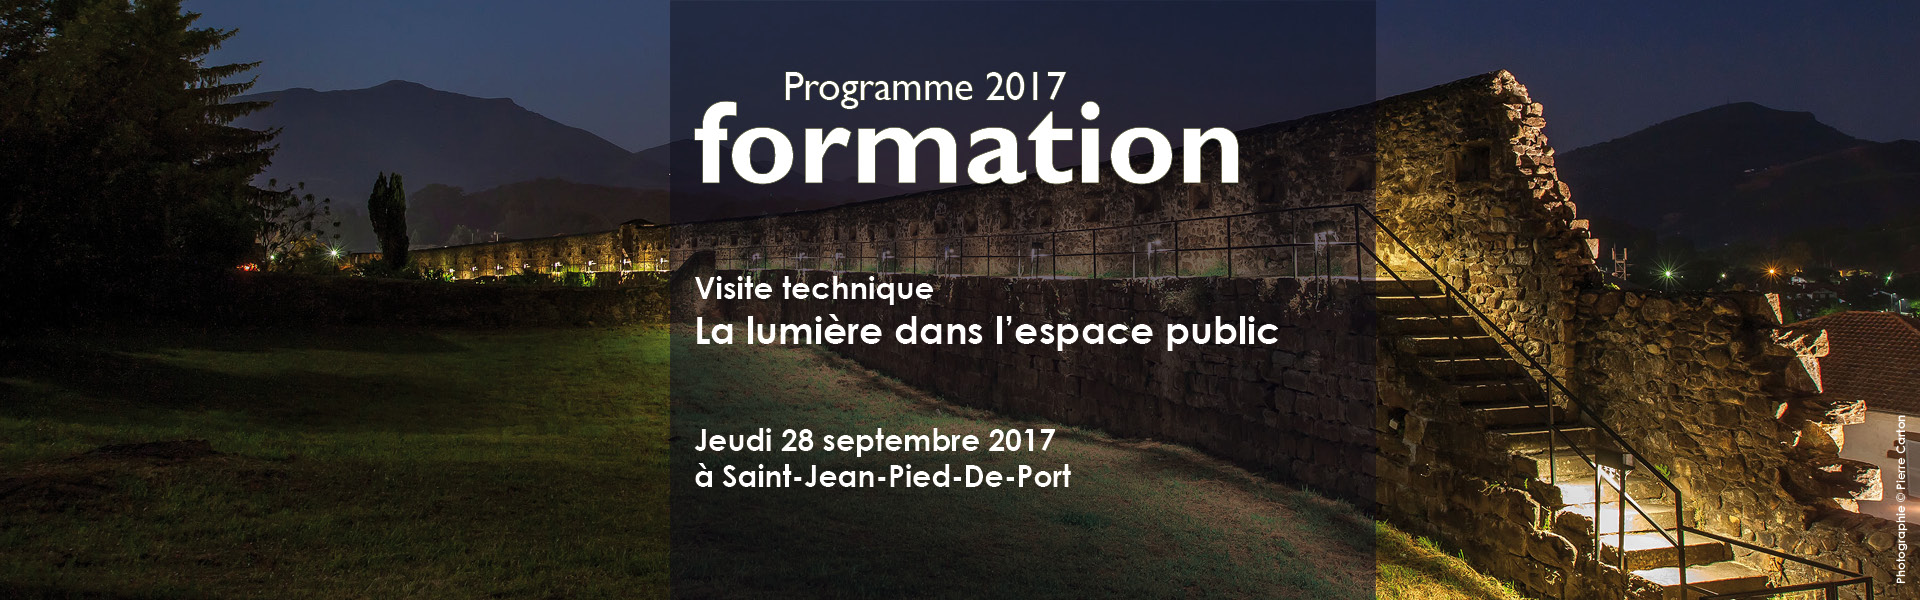 Une formation inédite sur la question de la lumière dans l'espace public, le 28 septembre 2017 à Saint-Jean-Pied-de-Port